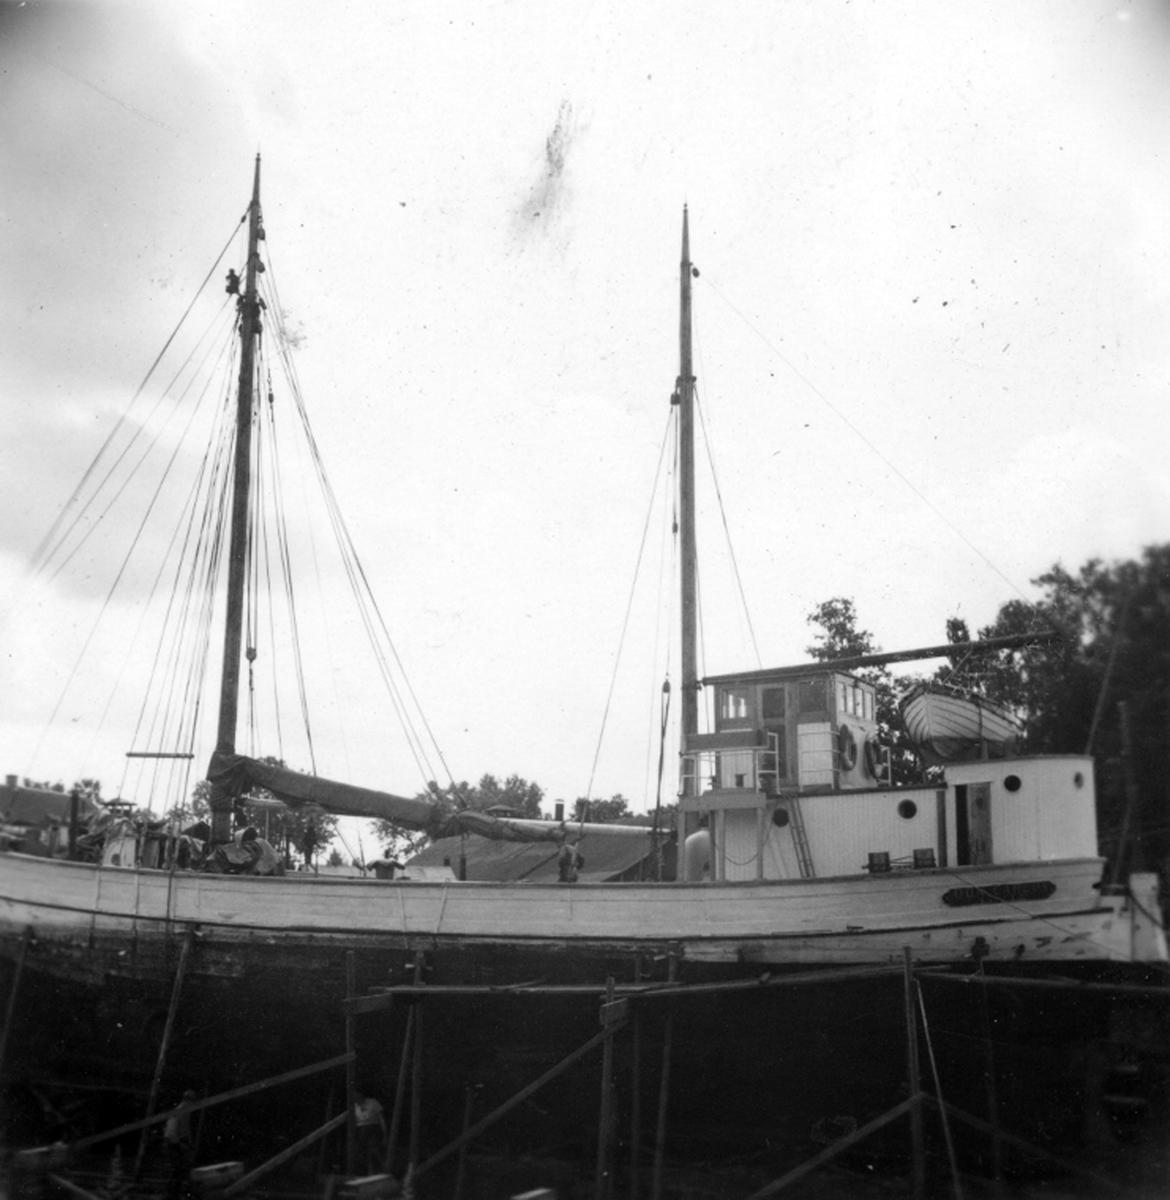 M/S Don Carlos från Säffle i dockan för reparation, akterskeppet, aug 1954.